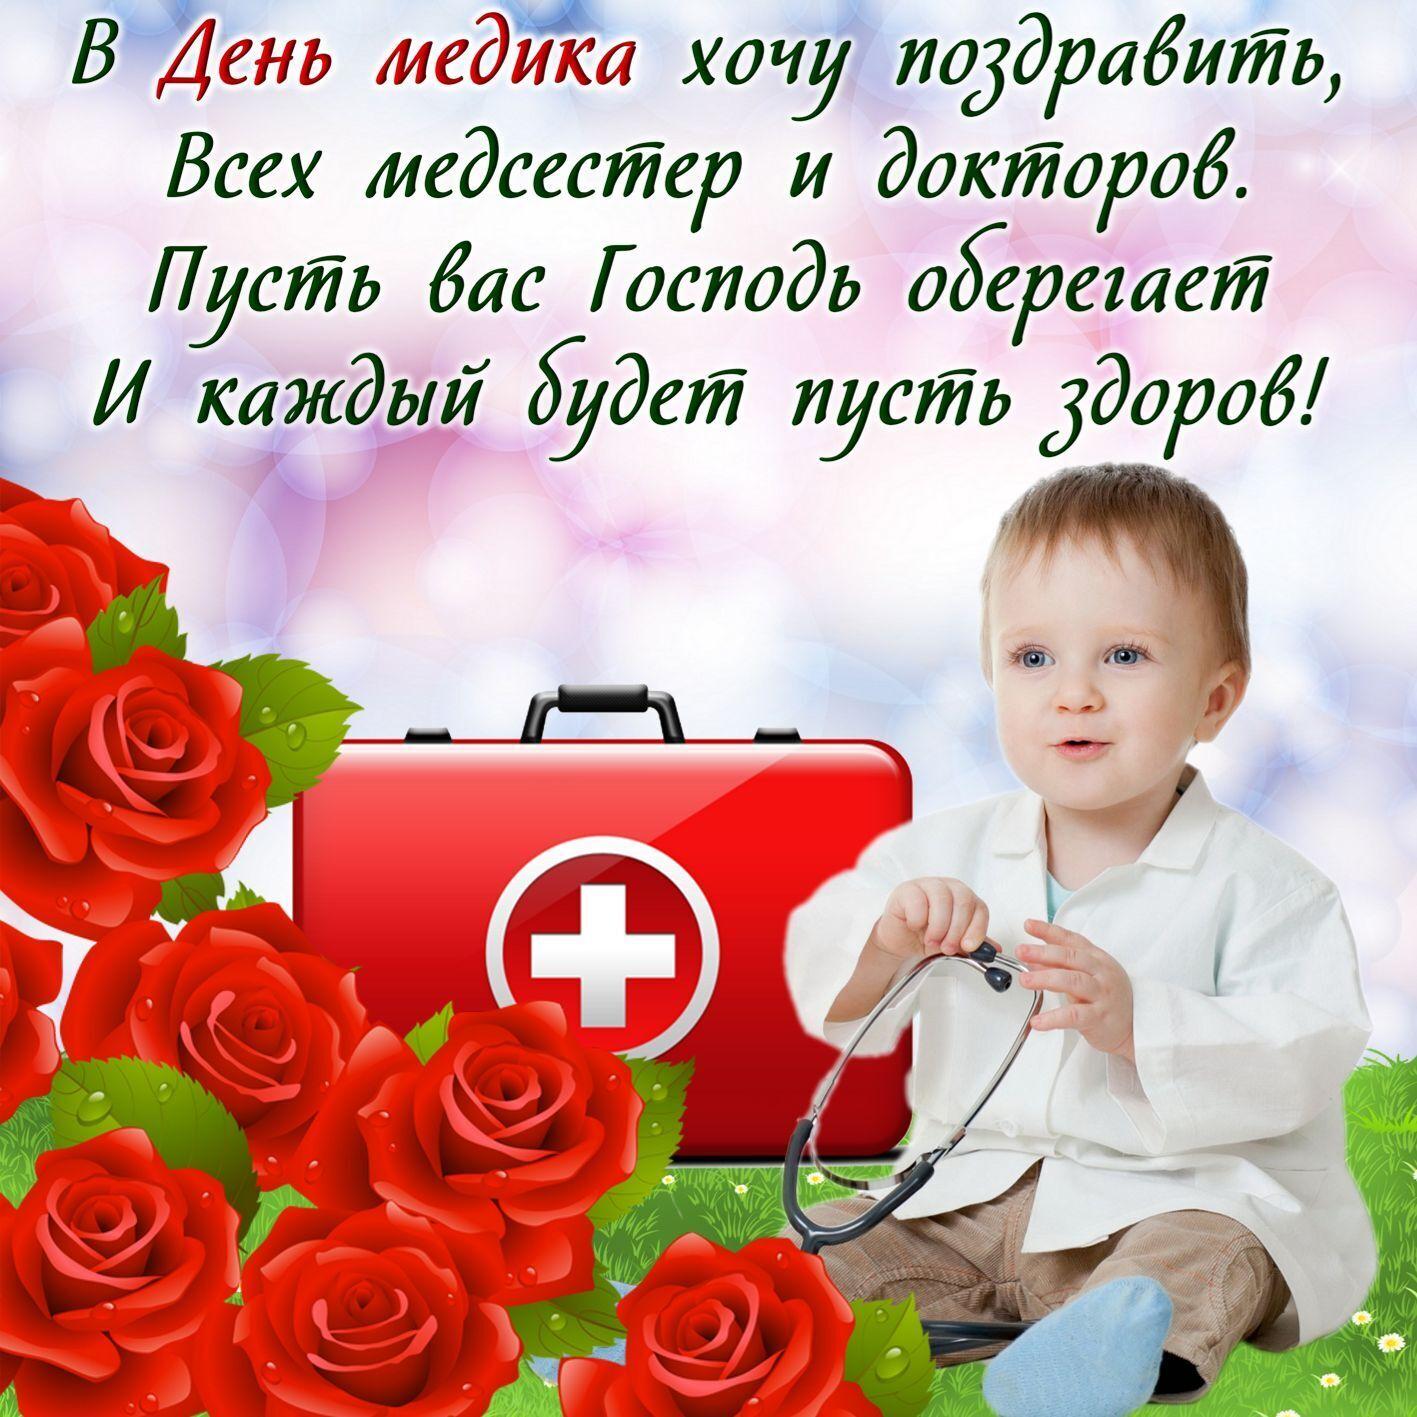 Пожелания в День медика